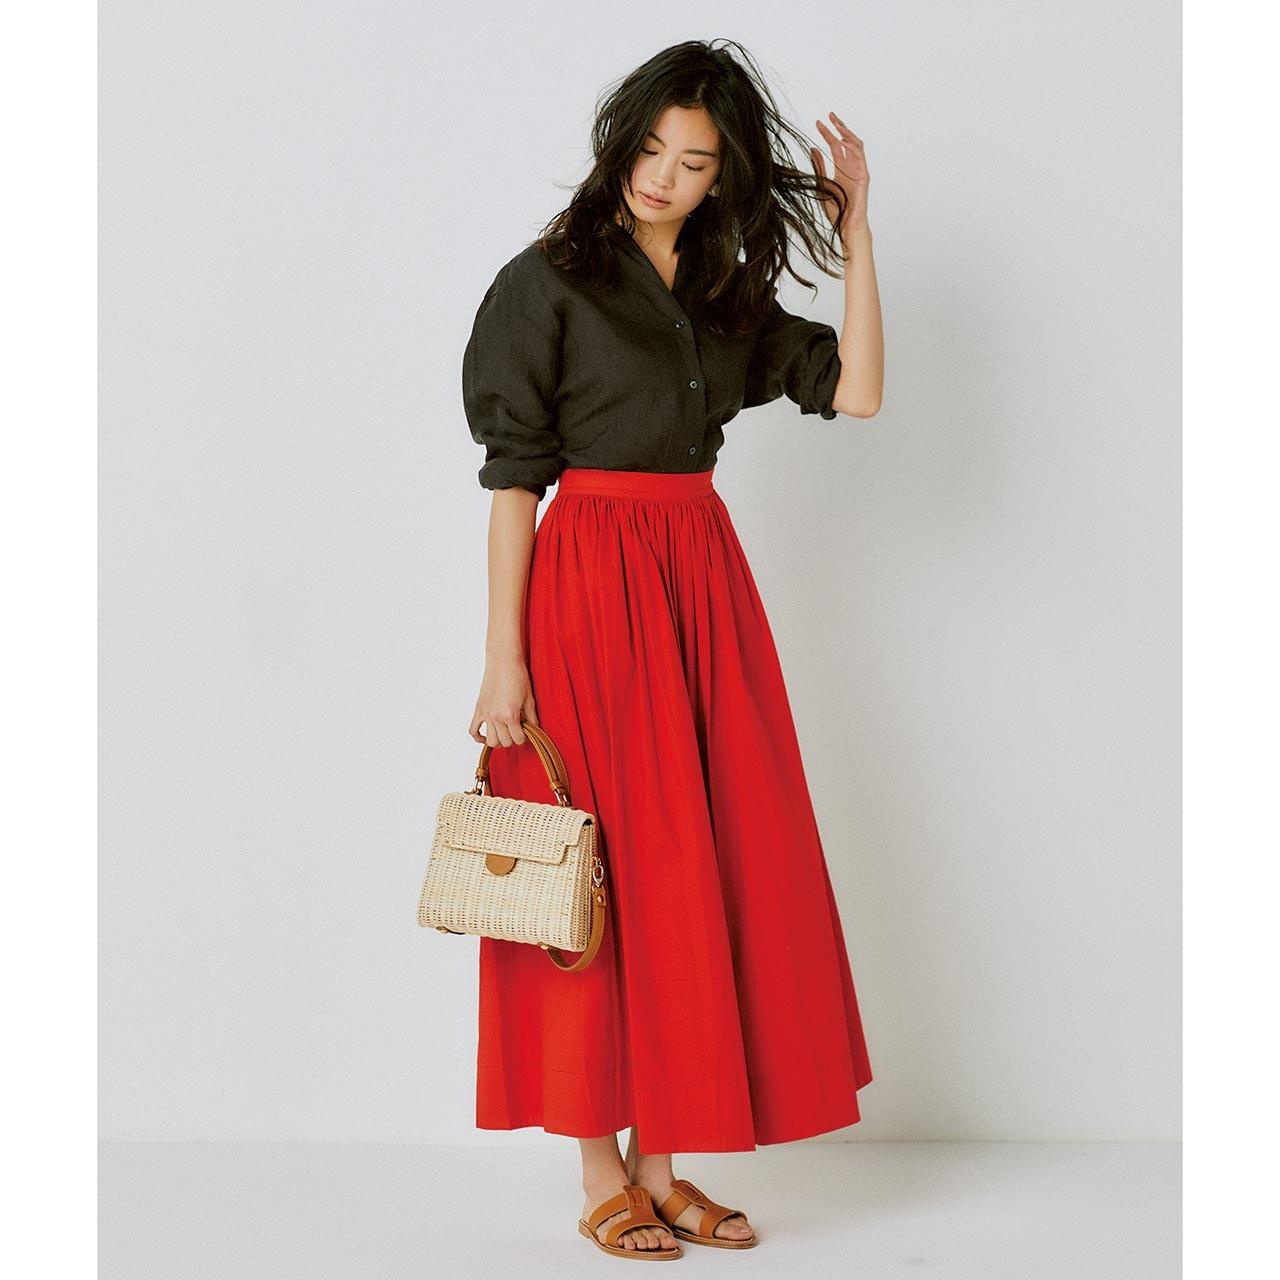 ブラウンリネンシャツ×赤いロングスカートコーデを着たモデルの矢野未希子さん